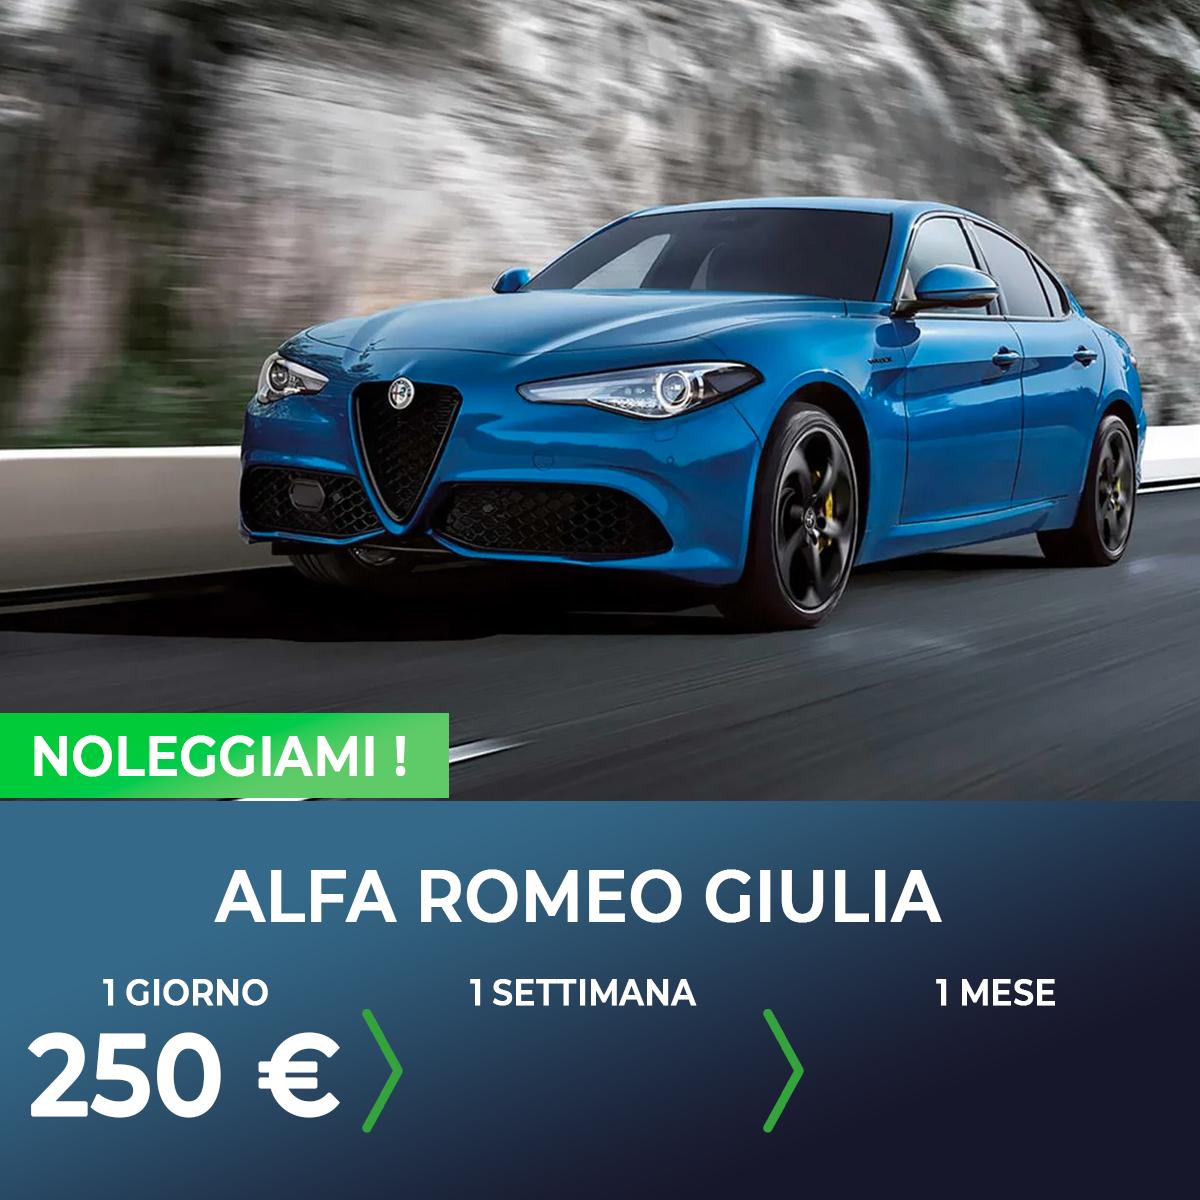 Alfa Romeo Giulia noleggio breve termine